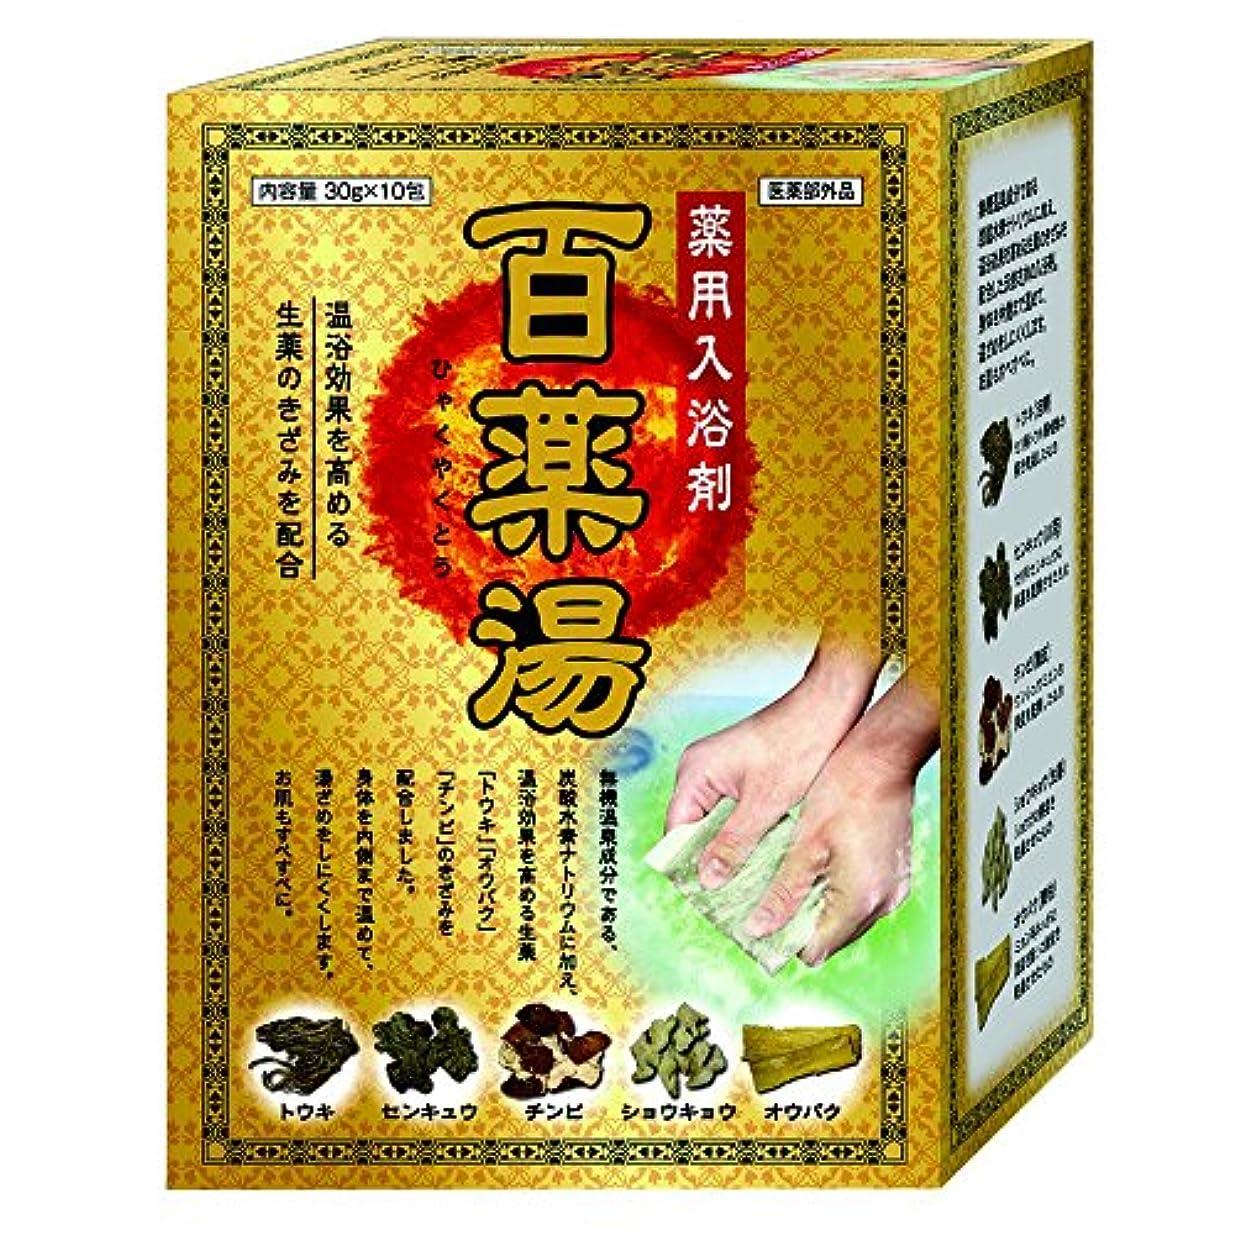 ヨーグルト姉妹資料百薬湯 薬用入浴剤 温浴効果を高める生薬のきざみを配合 30g×10包 (医薬部外品)